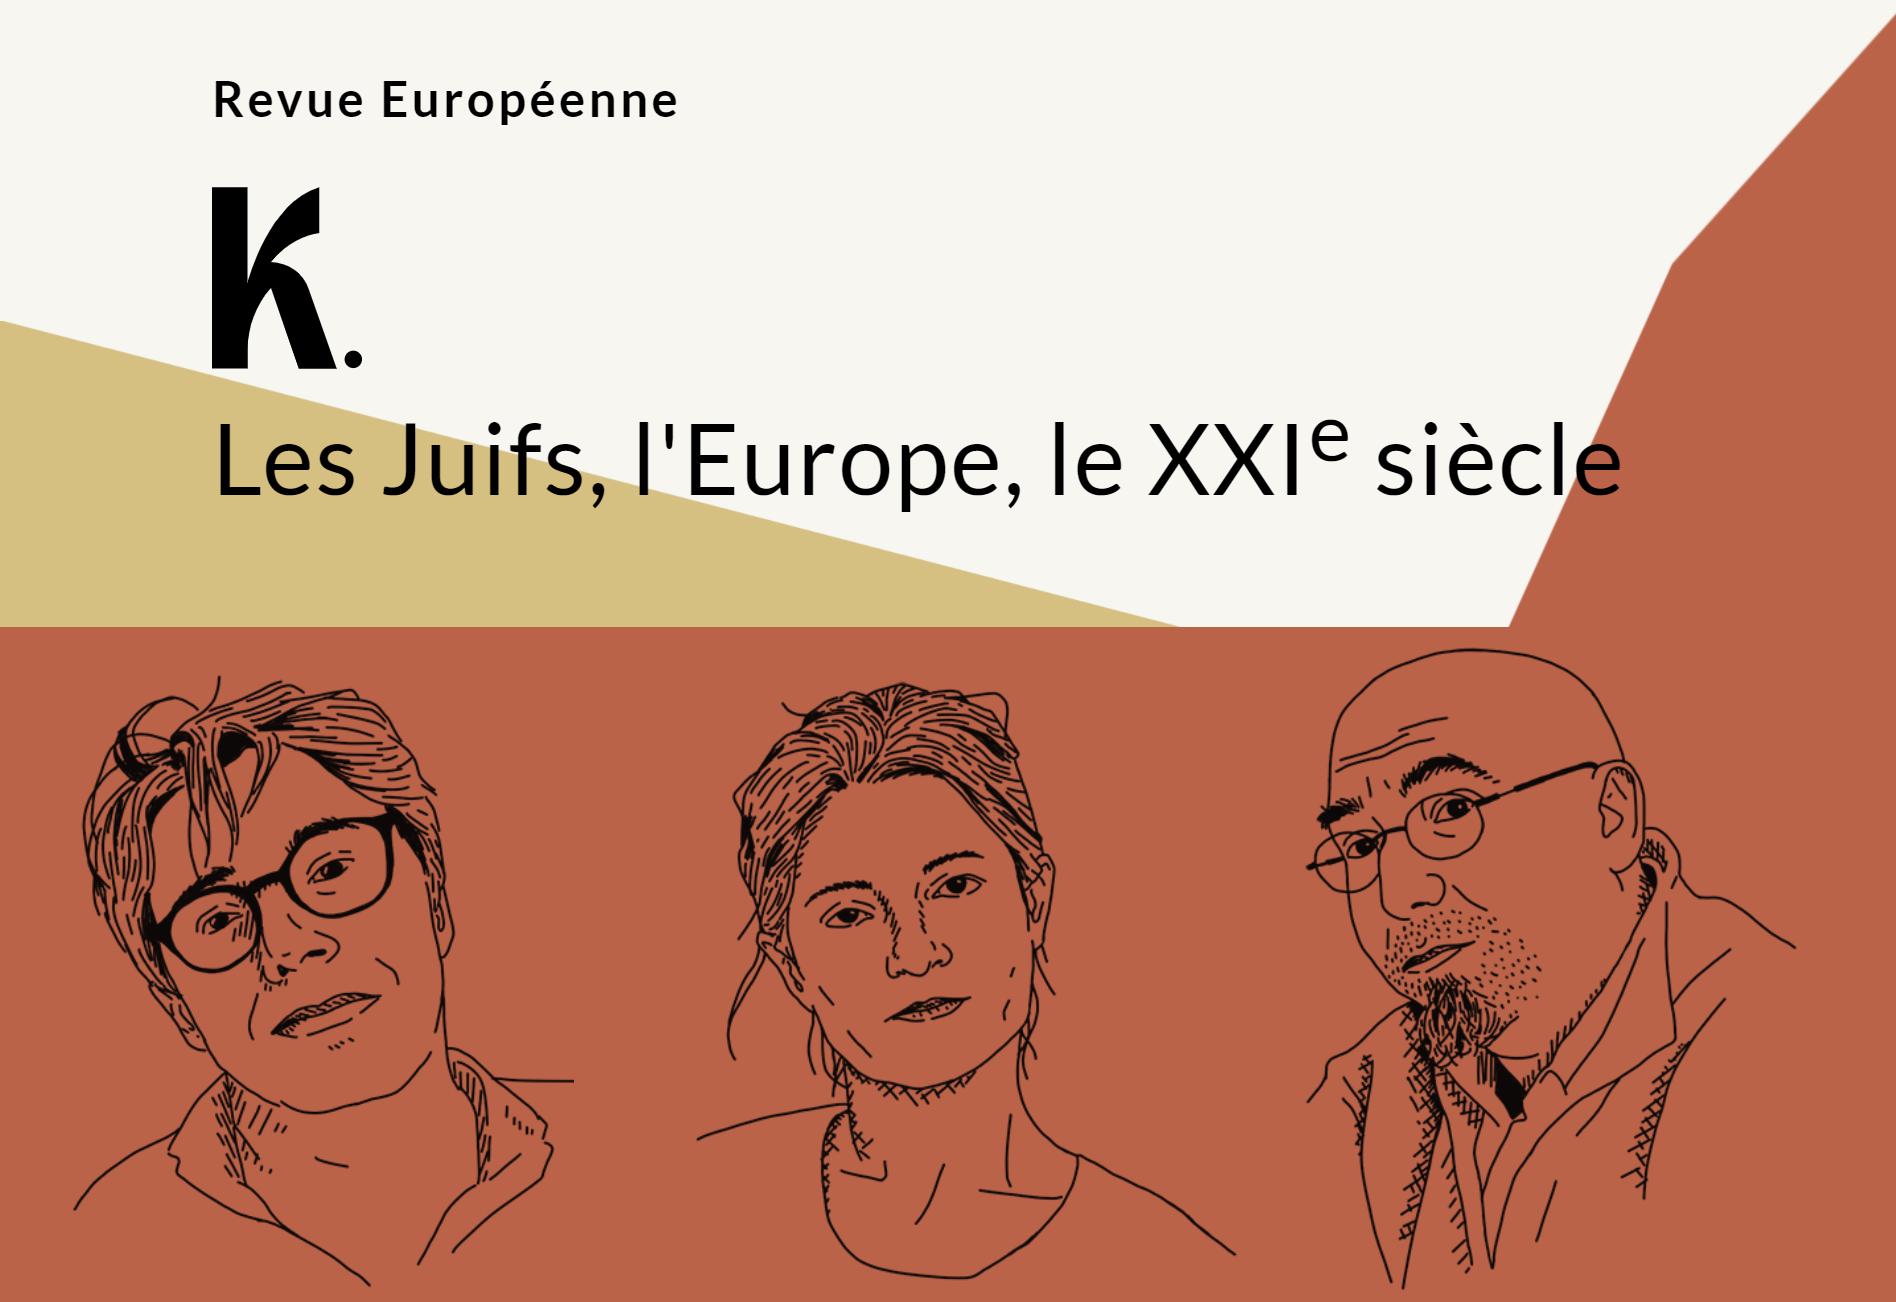 K. Les Juifs, l'Europe, le XXIe siècle